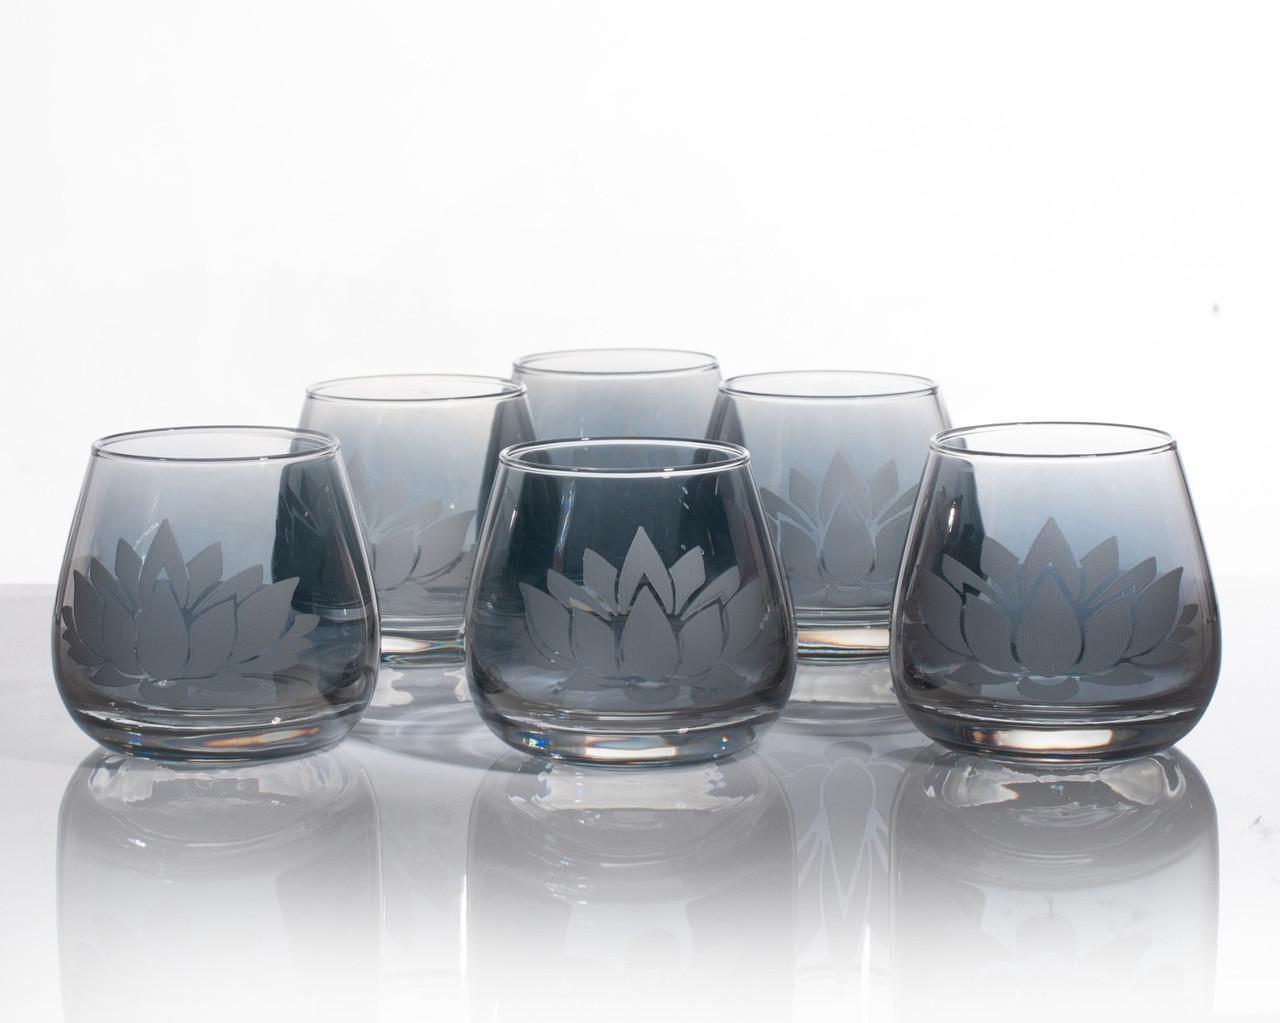 Набір склянок Лотос аметист для віскі 300 мл, 6 шт.